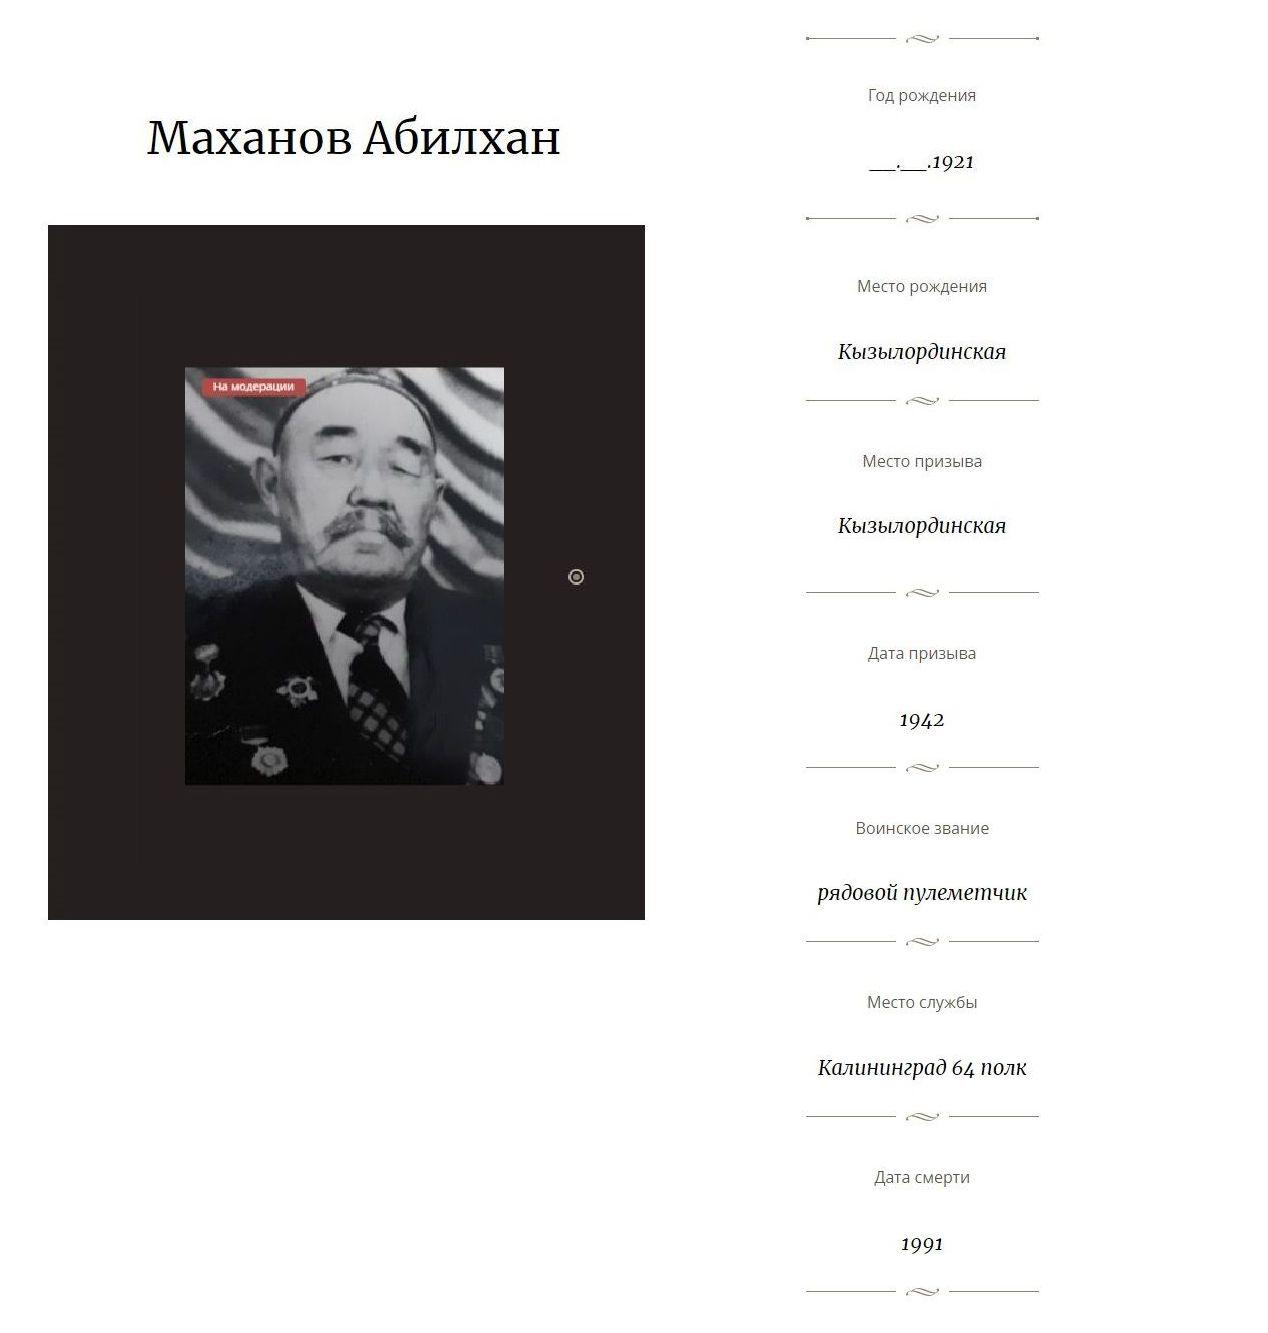 Сведения о герое войны Абилхане Маханове на сайте Дорога памяти